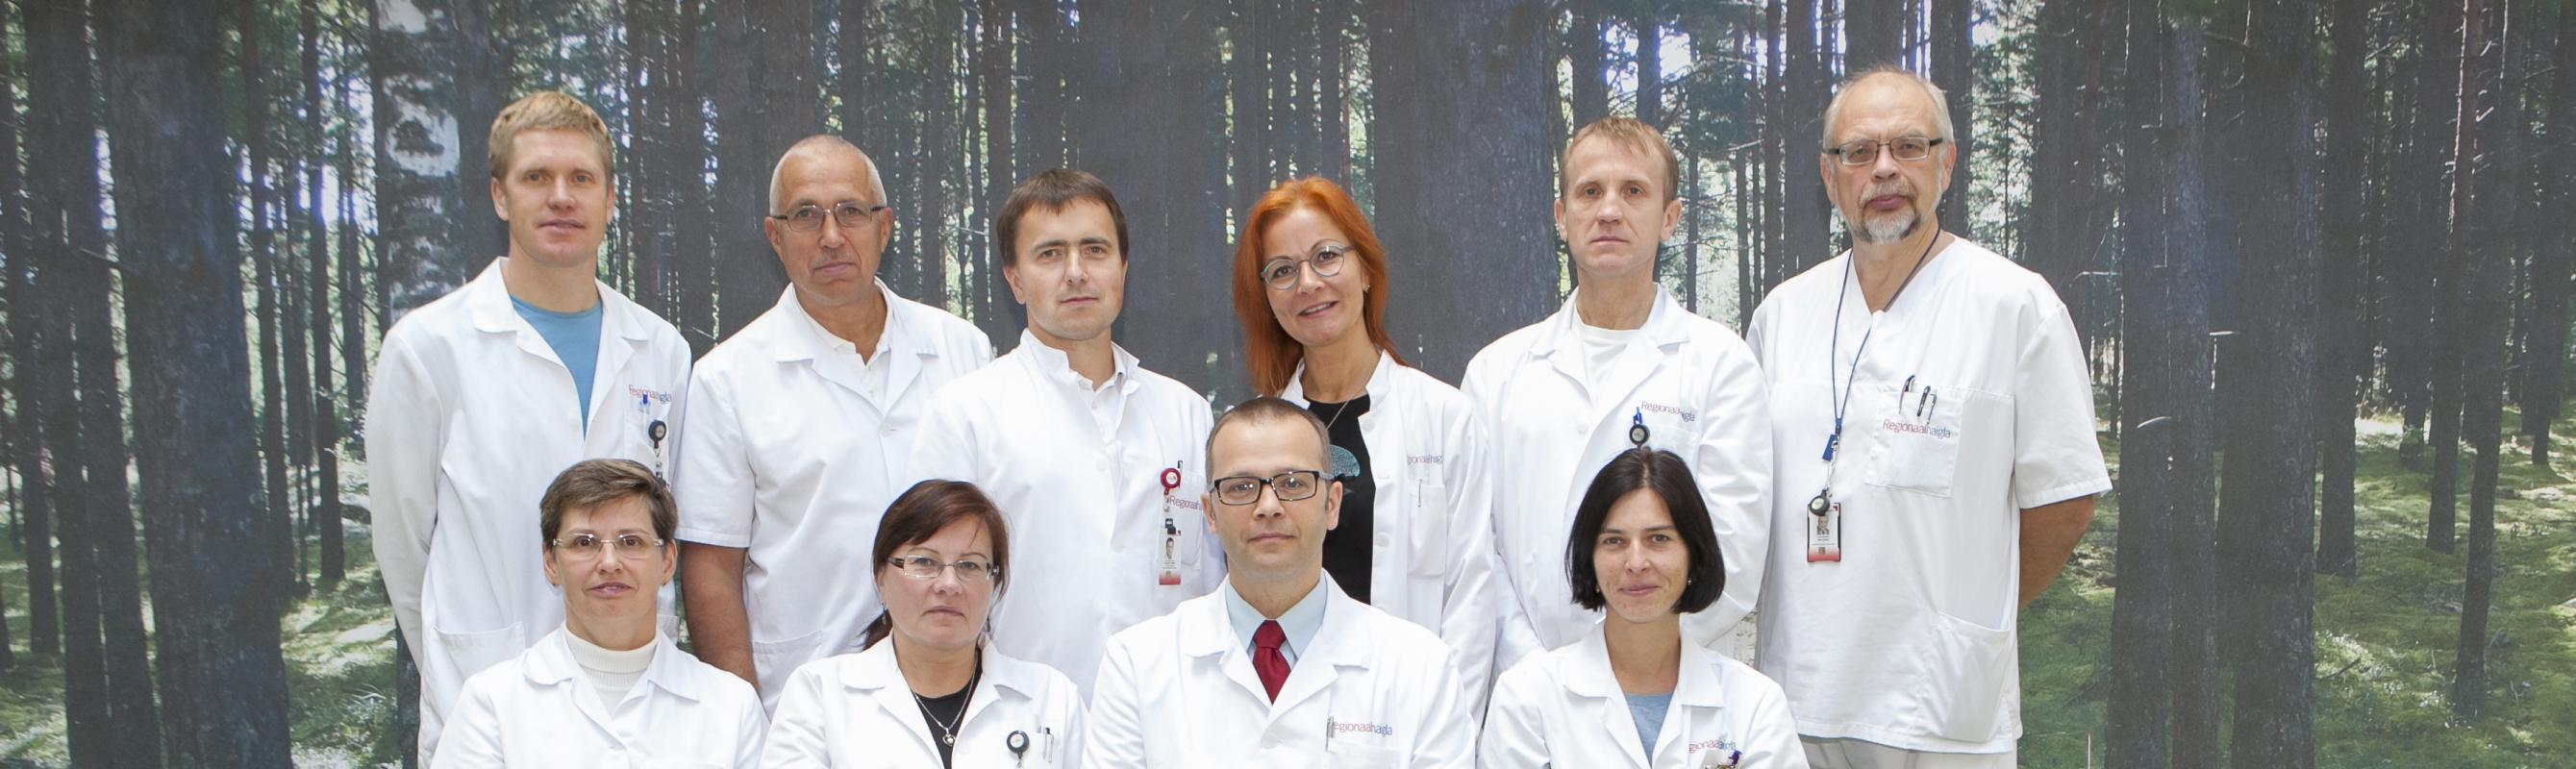 Seedetrakti kasvajate töörühm